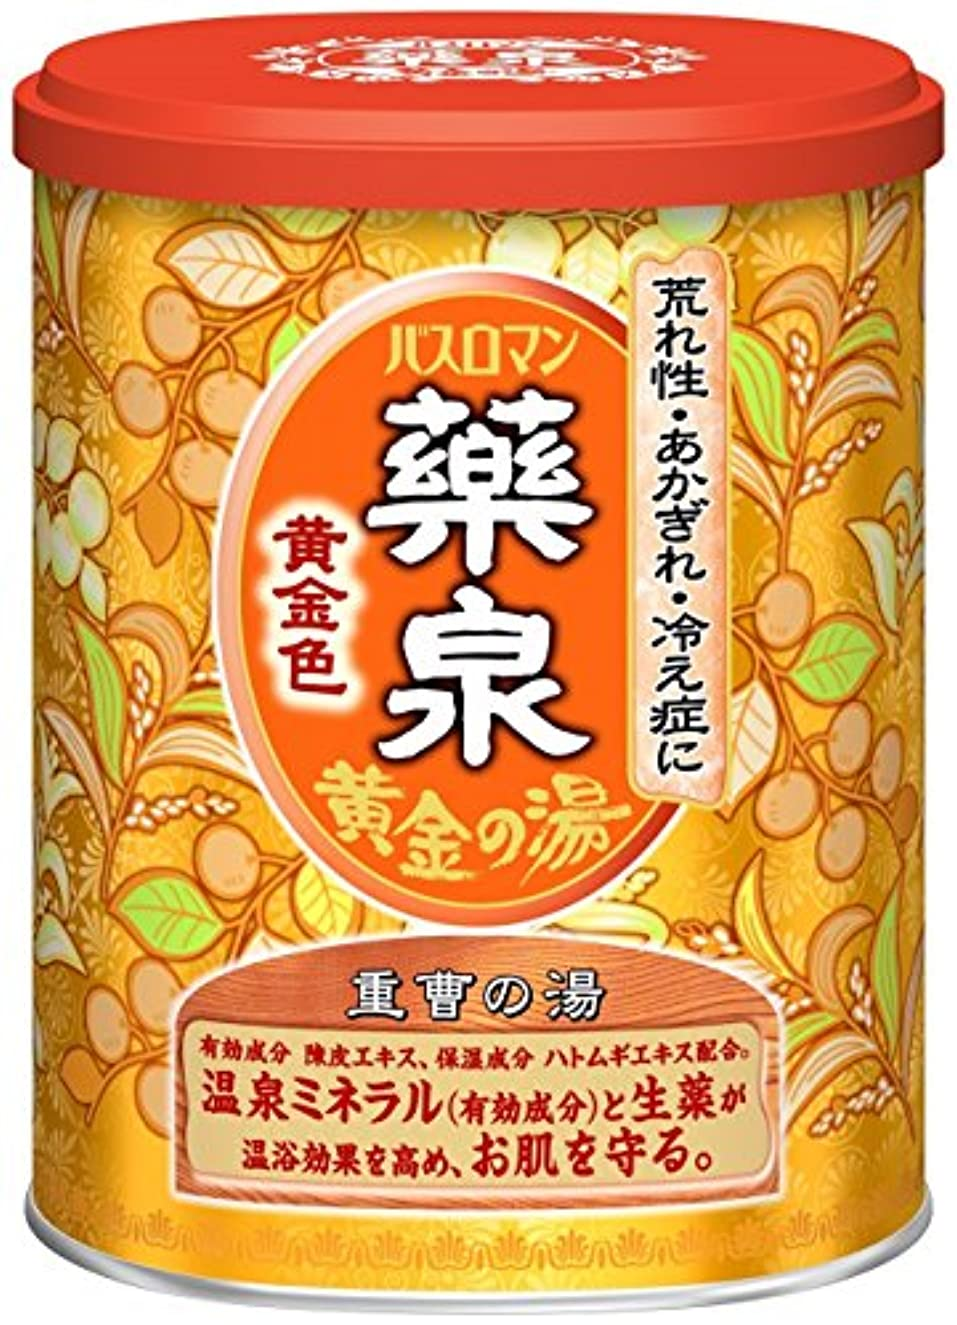 無学部長にんじん薬泉バスロマン黄金色650g